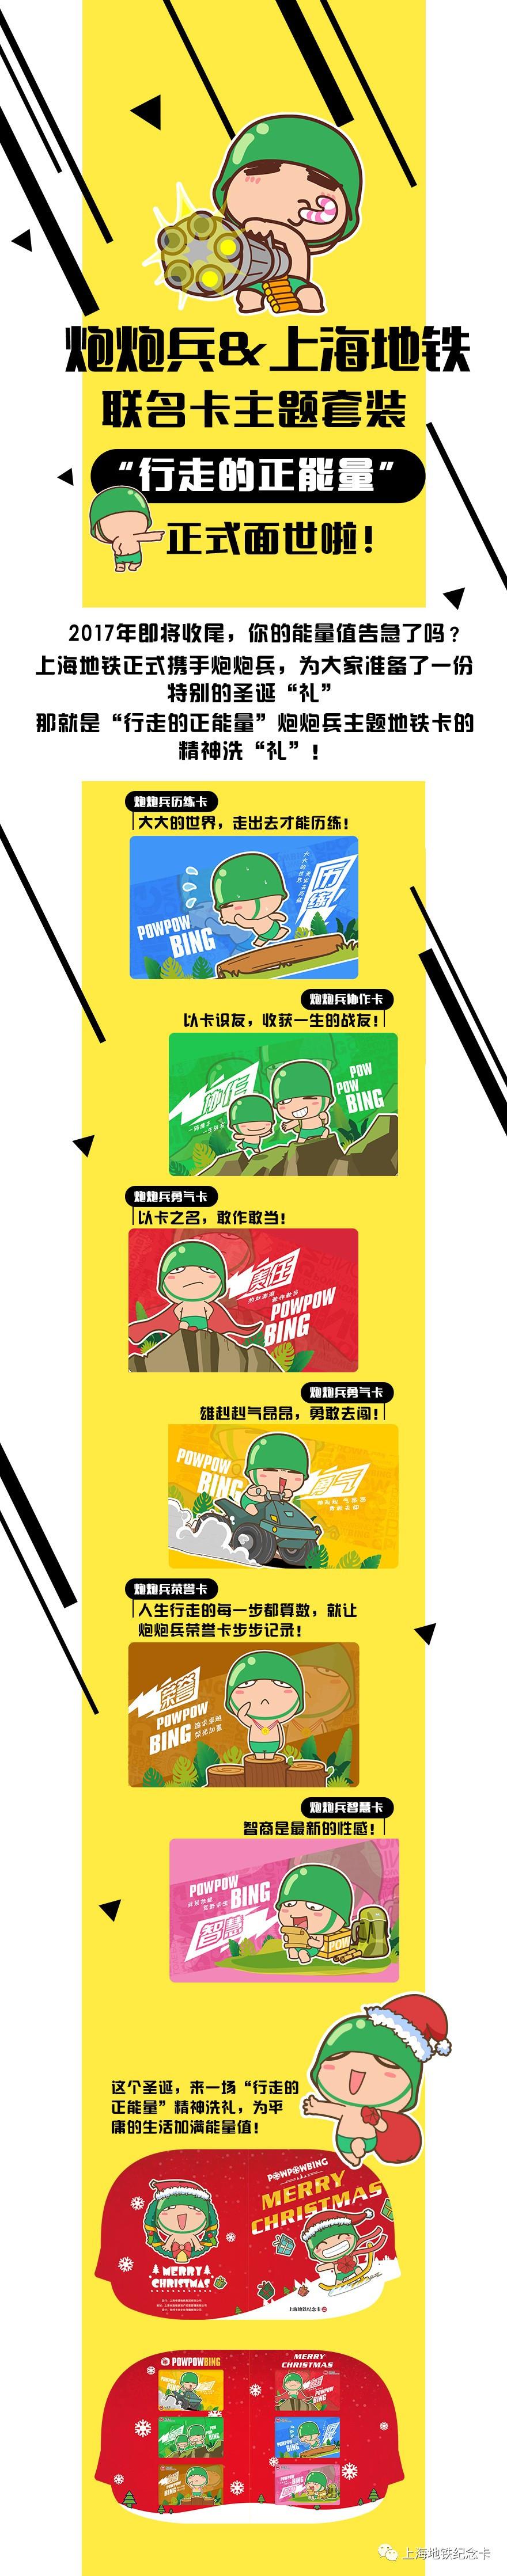 旅游 正文  201 2017年12月25日在上海地铁纪念卡专卖店有售  炮炮兵